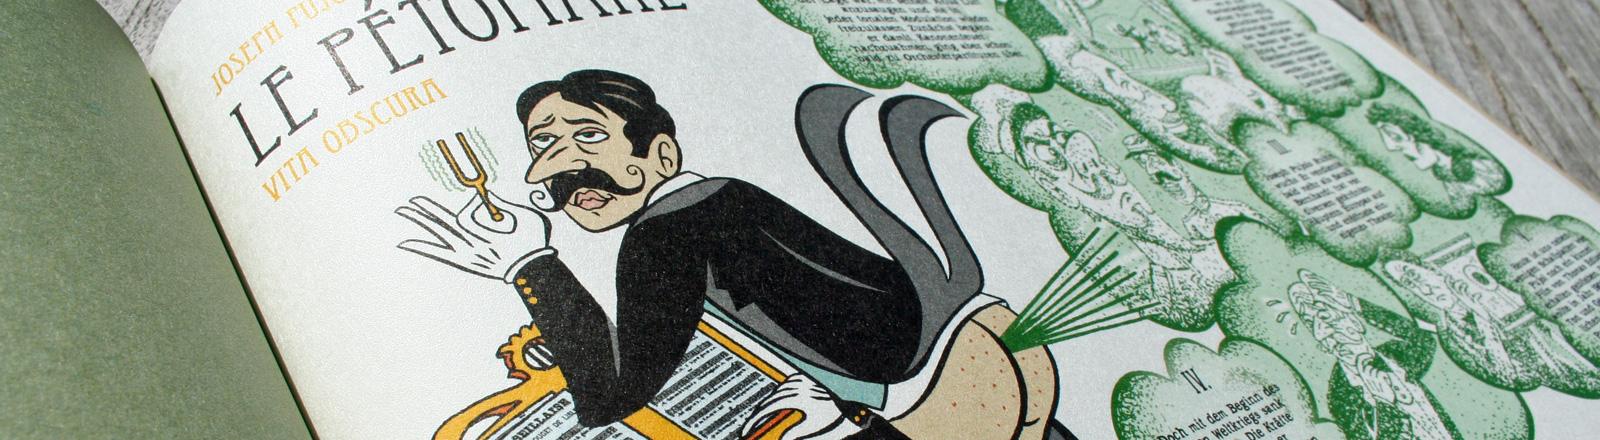 """Ein Ausschnitt aus dem Comicband """"Vita Obscura"""" von Simon Schwartz"""